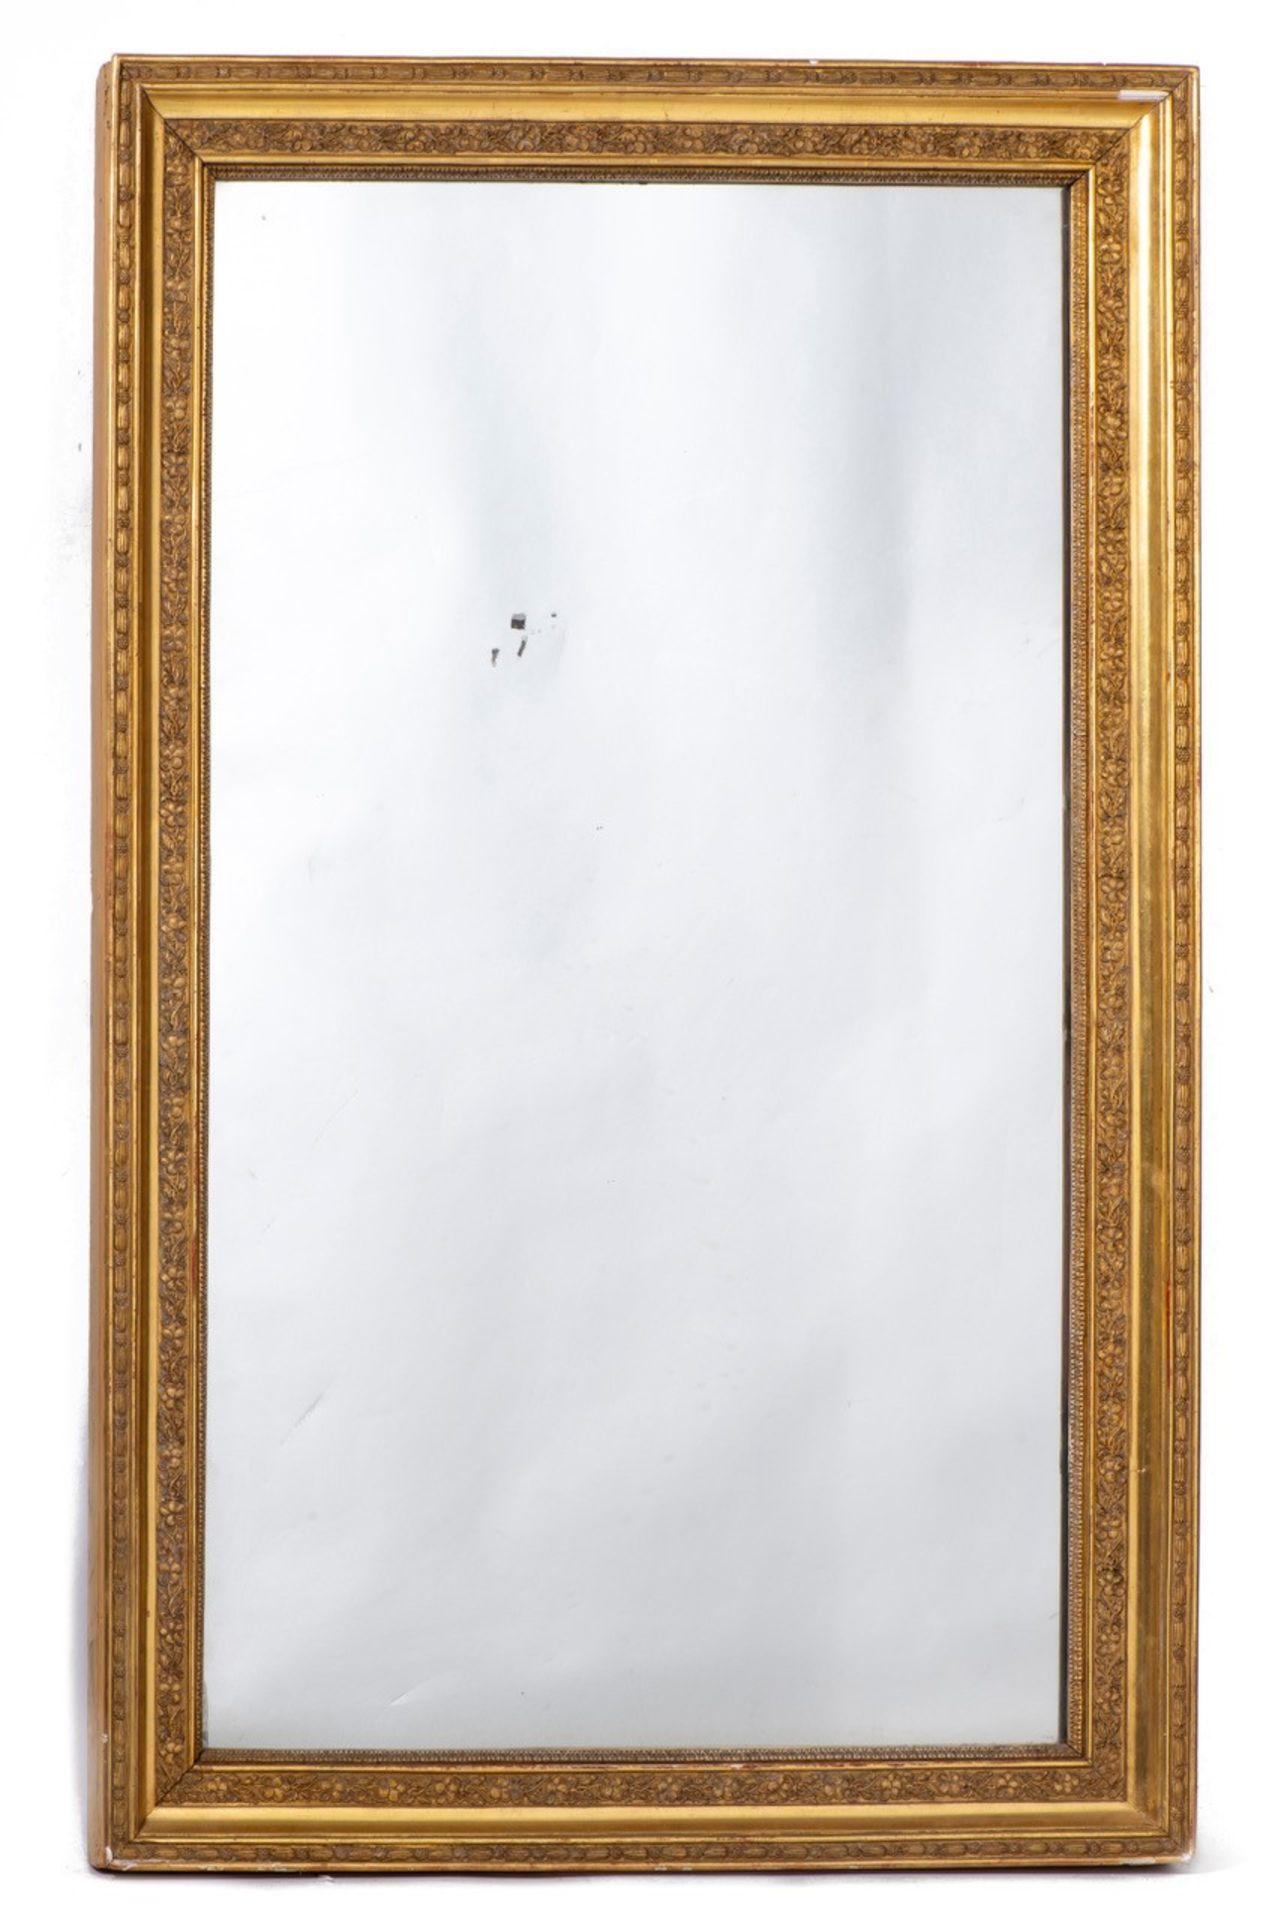 Miroir à cadre en stuc doré rectangulaire d'époque Nap. III, glace au mercure